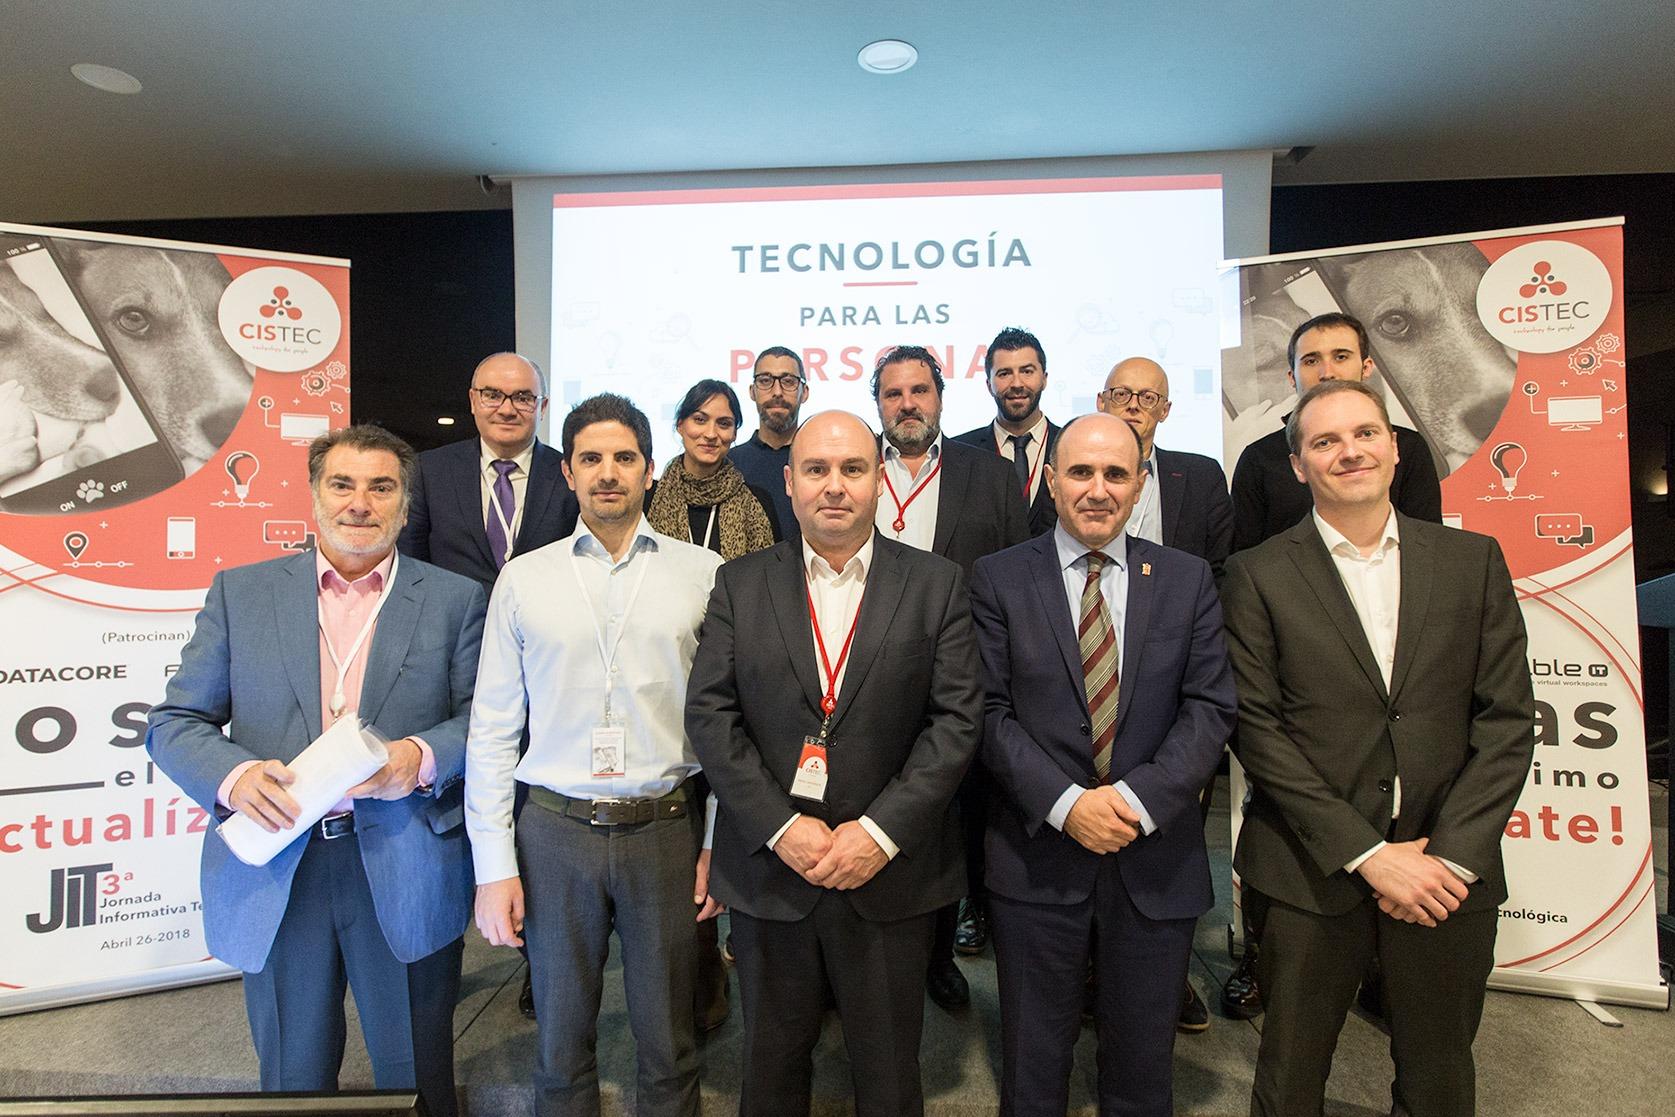 Foto de familia de los participantes y promotores de JIT 2018 (FOTO: Víctor Rodrígo)